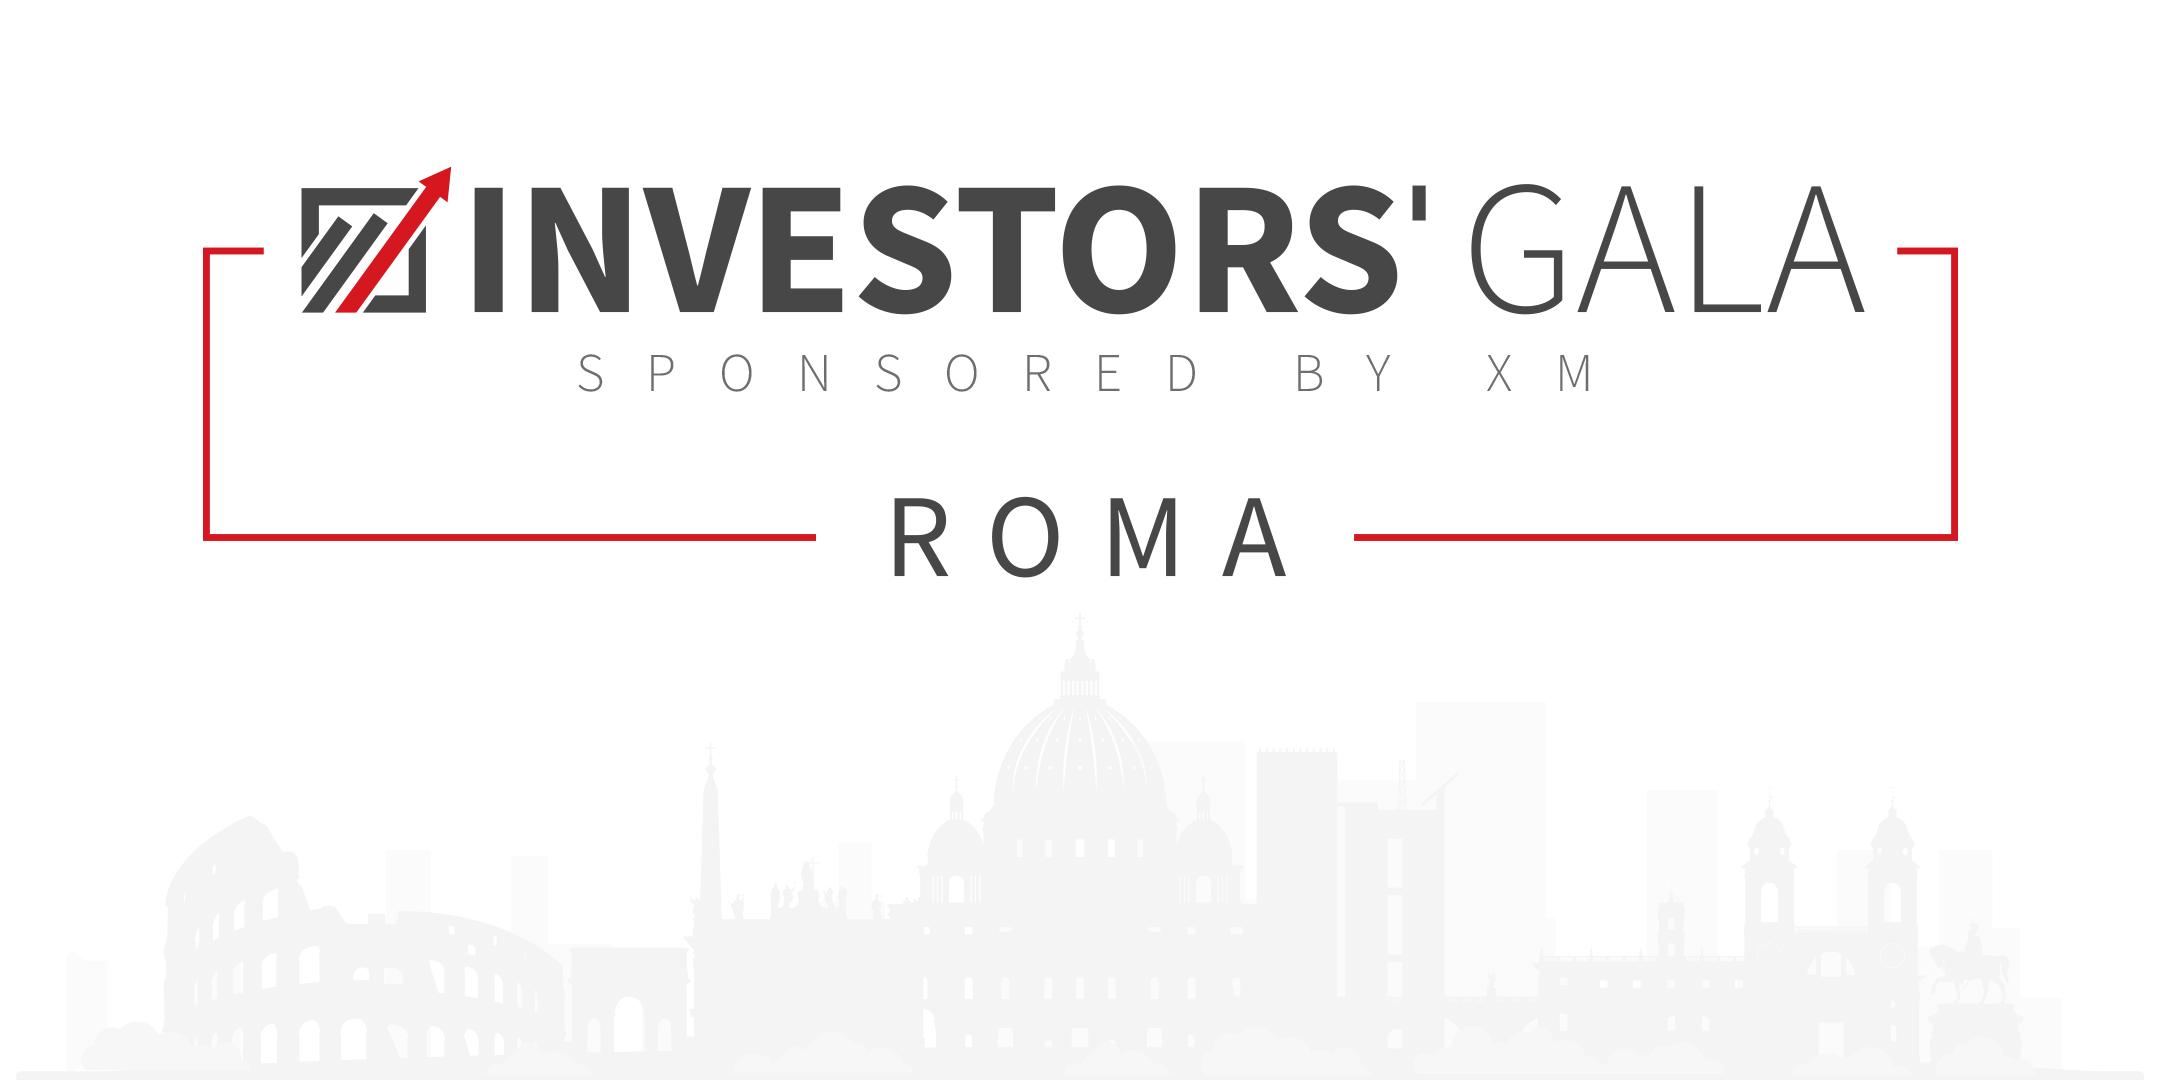 Come partecipare Gratis all'Investors Gala di Roma 30 Giugno